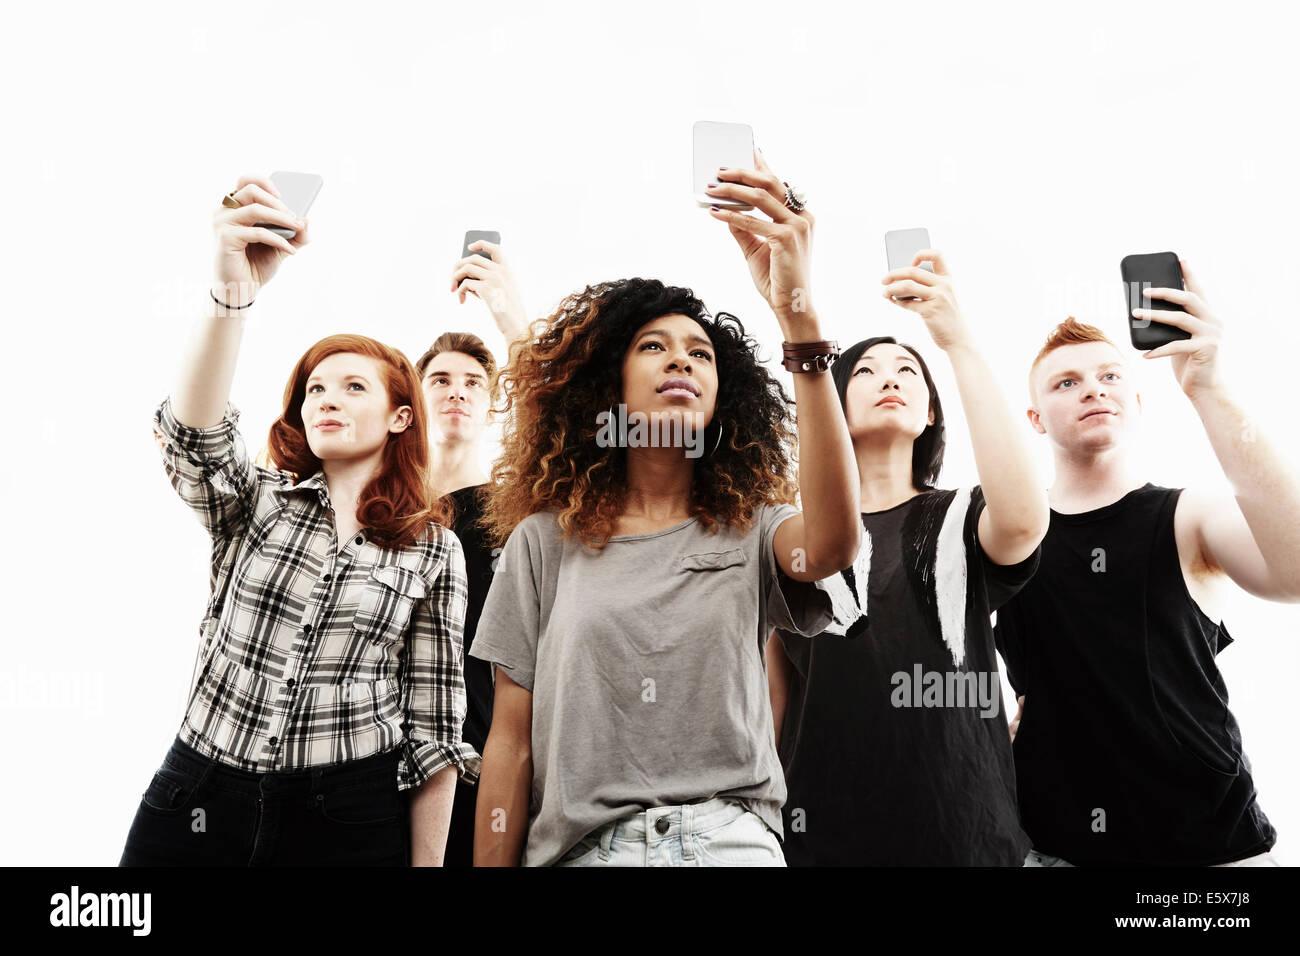 Studioportrait von fünf junge Erwachsene, die die Selfies auf smartphones Stockbild